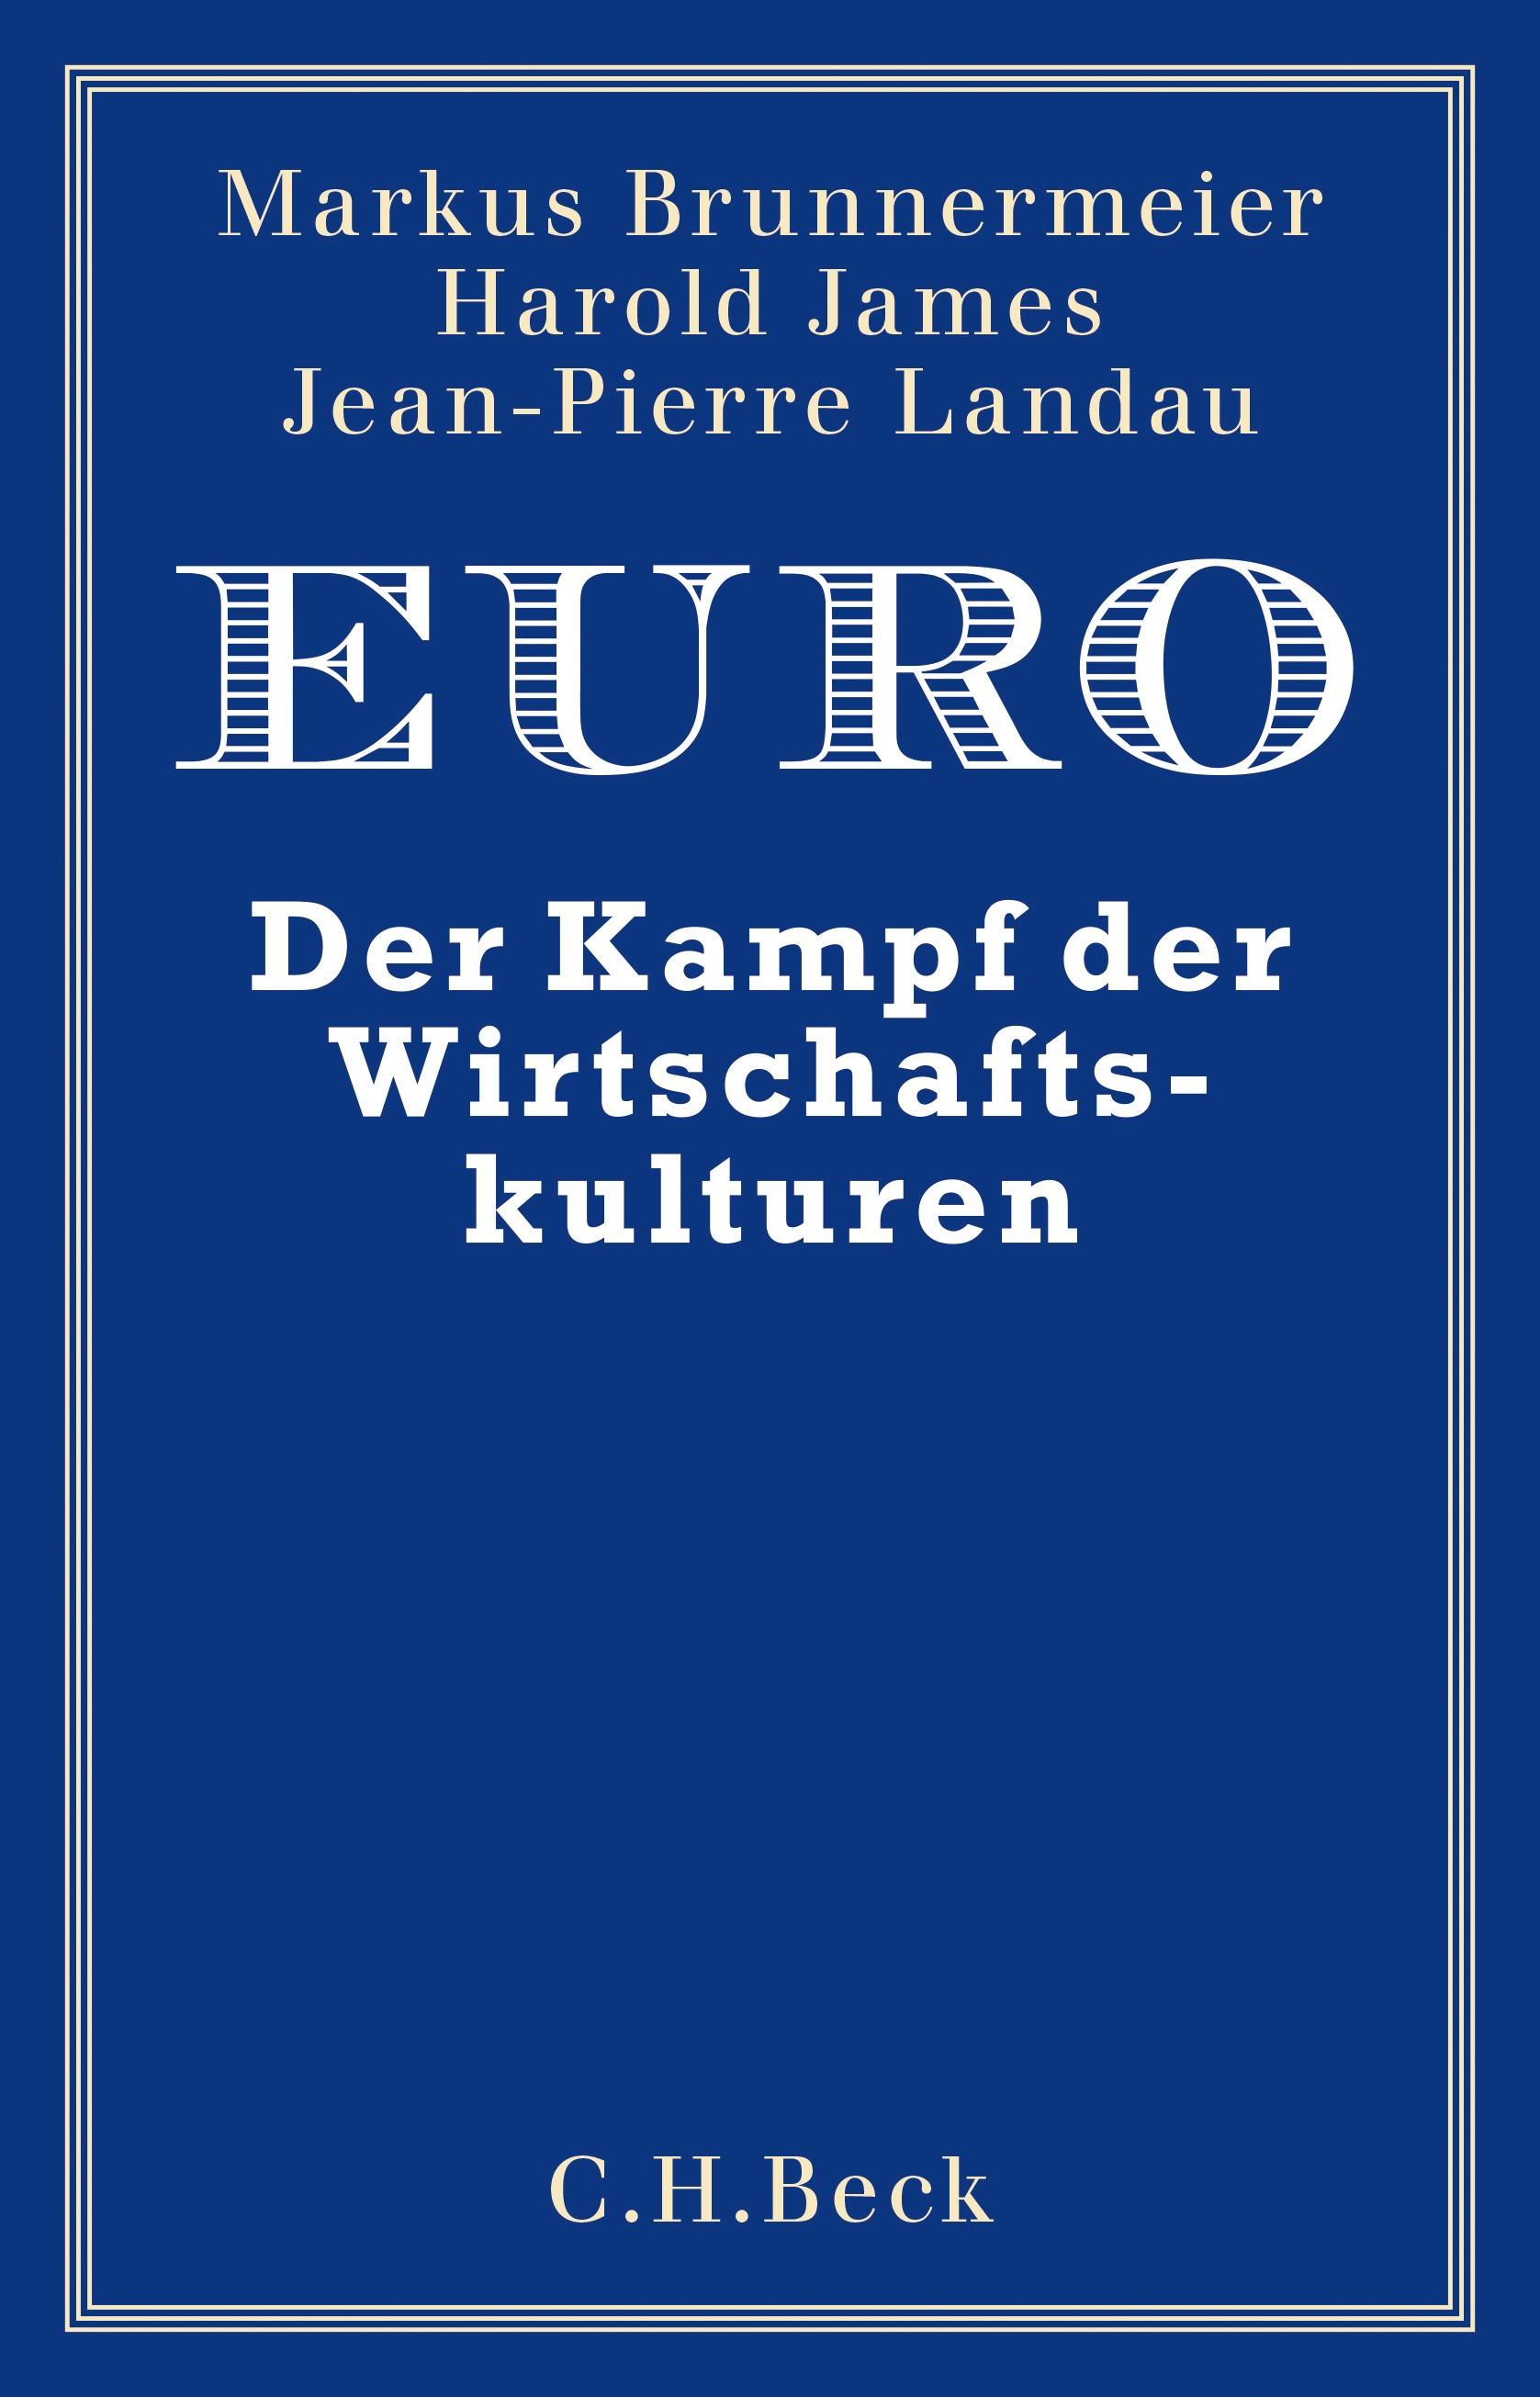 Cover des Buches 'Euro'